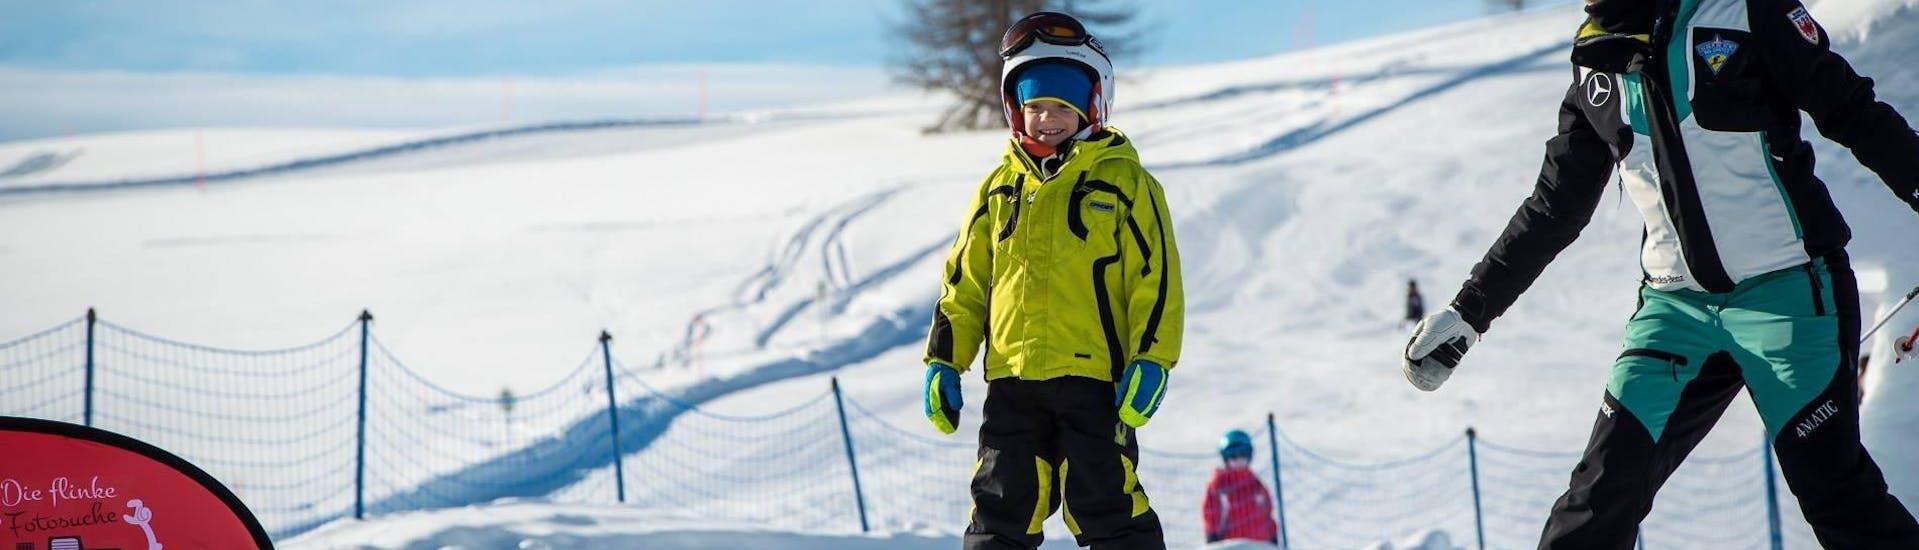 Cours particulier de ski Enfants pour Tous niveaux avec Scuola di Sci e Snowboard Dolomites Armentarola - Hero image